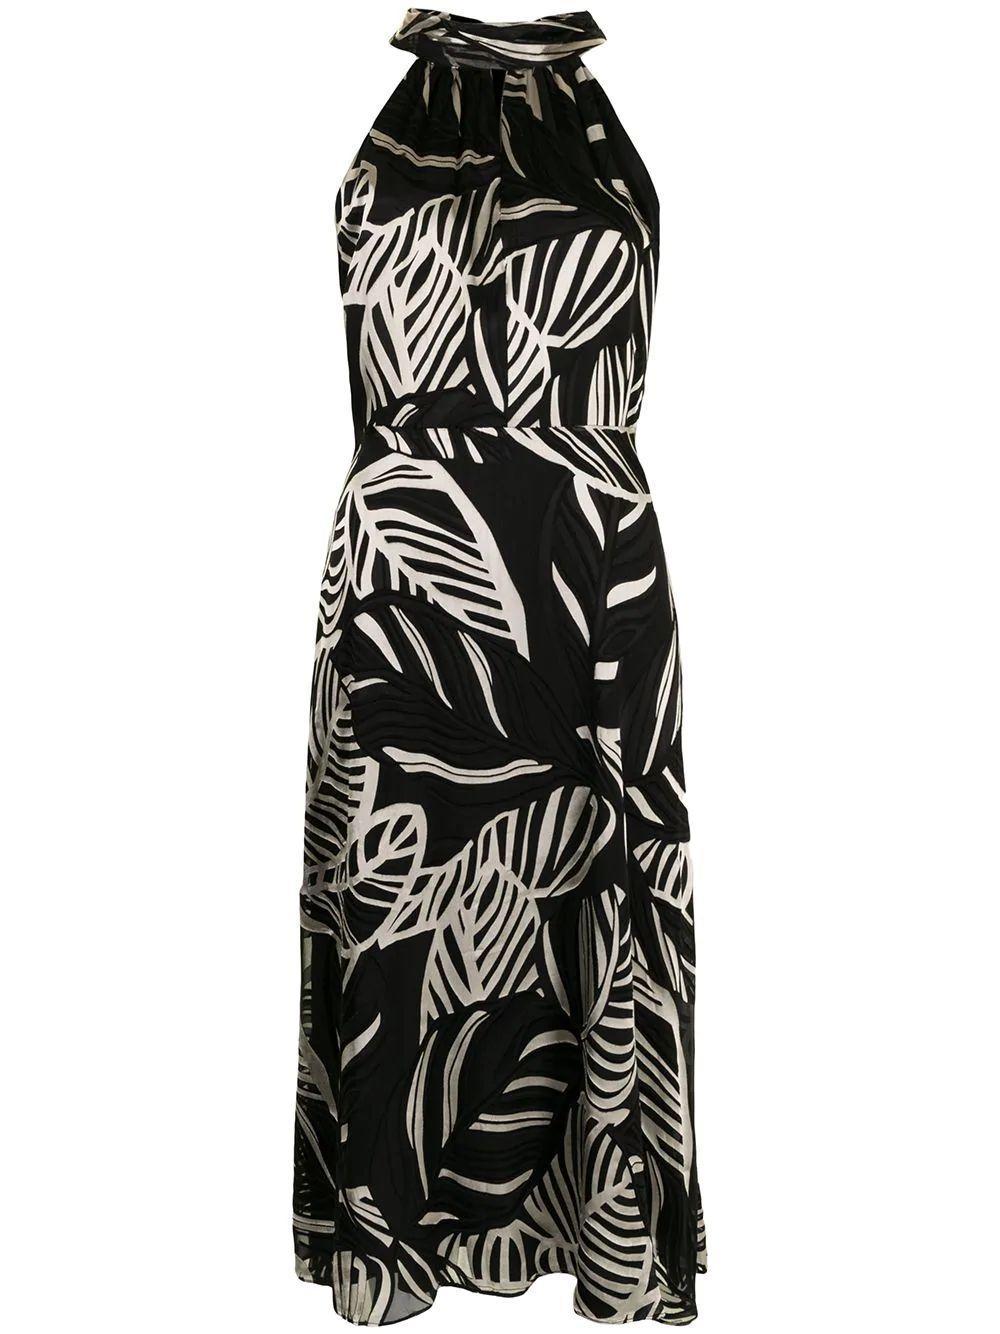 Adrian Palm Midi Dress